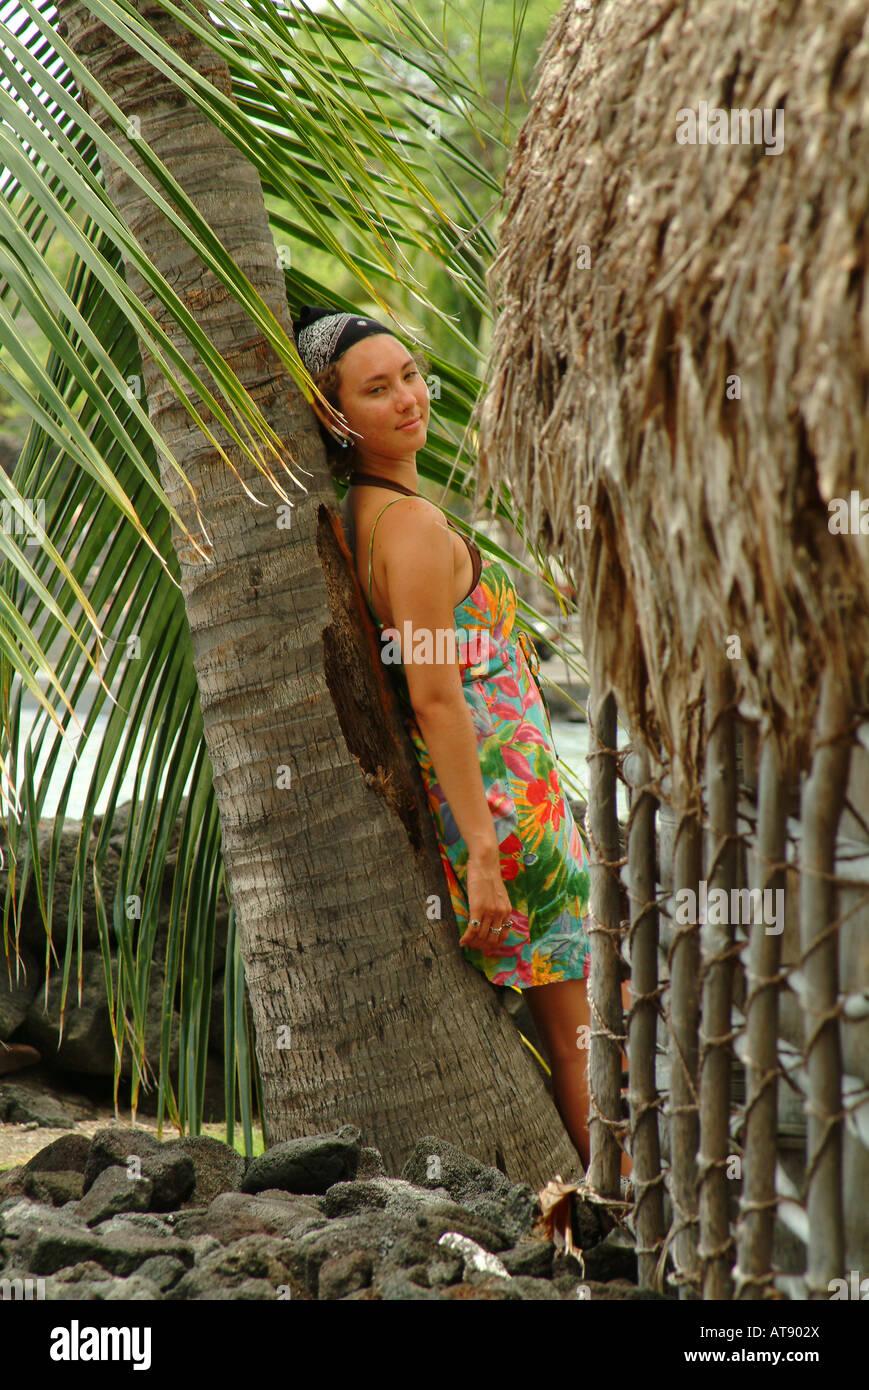 Mujer joven de Puu honua o honaunau comúnmente conocida como ciudad de refugio, un parque histórico nacional en el sur de Kona en la gran isla Foto de stock